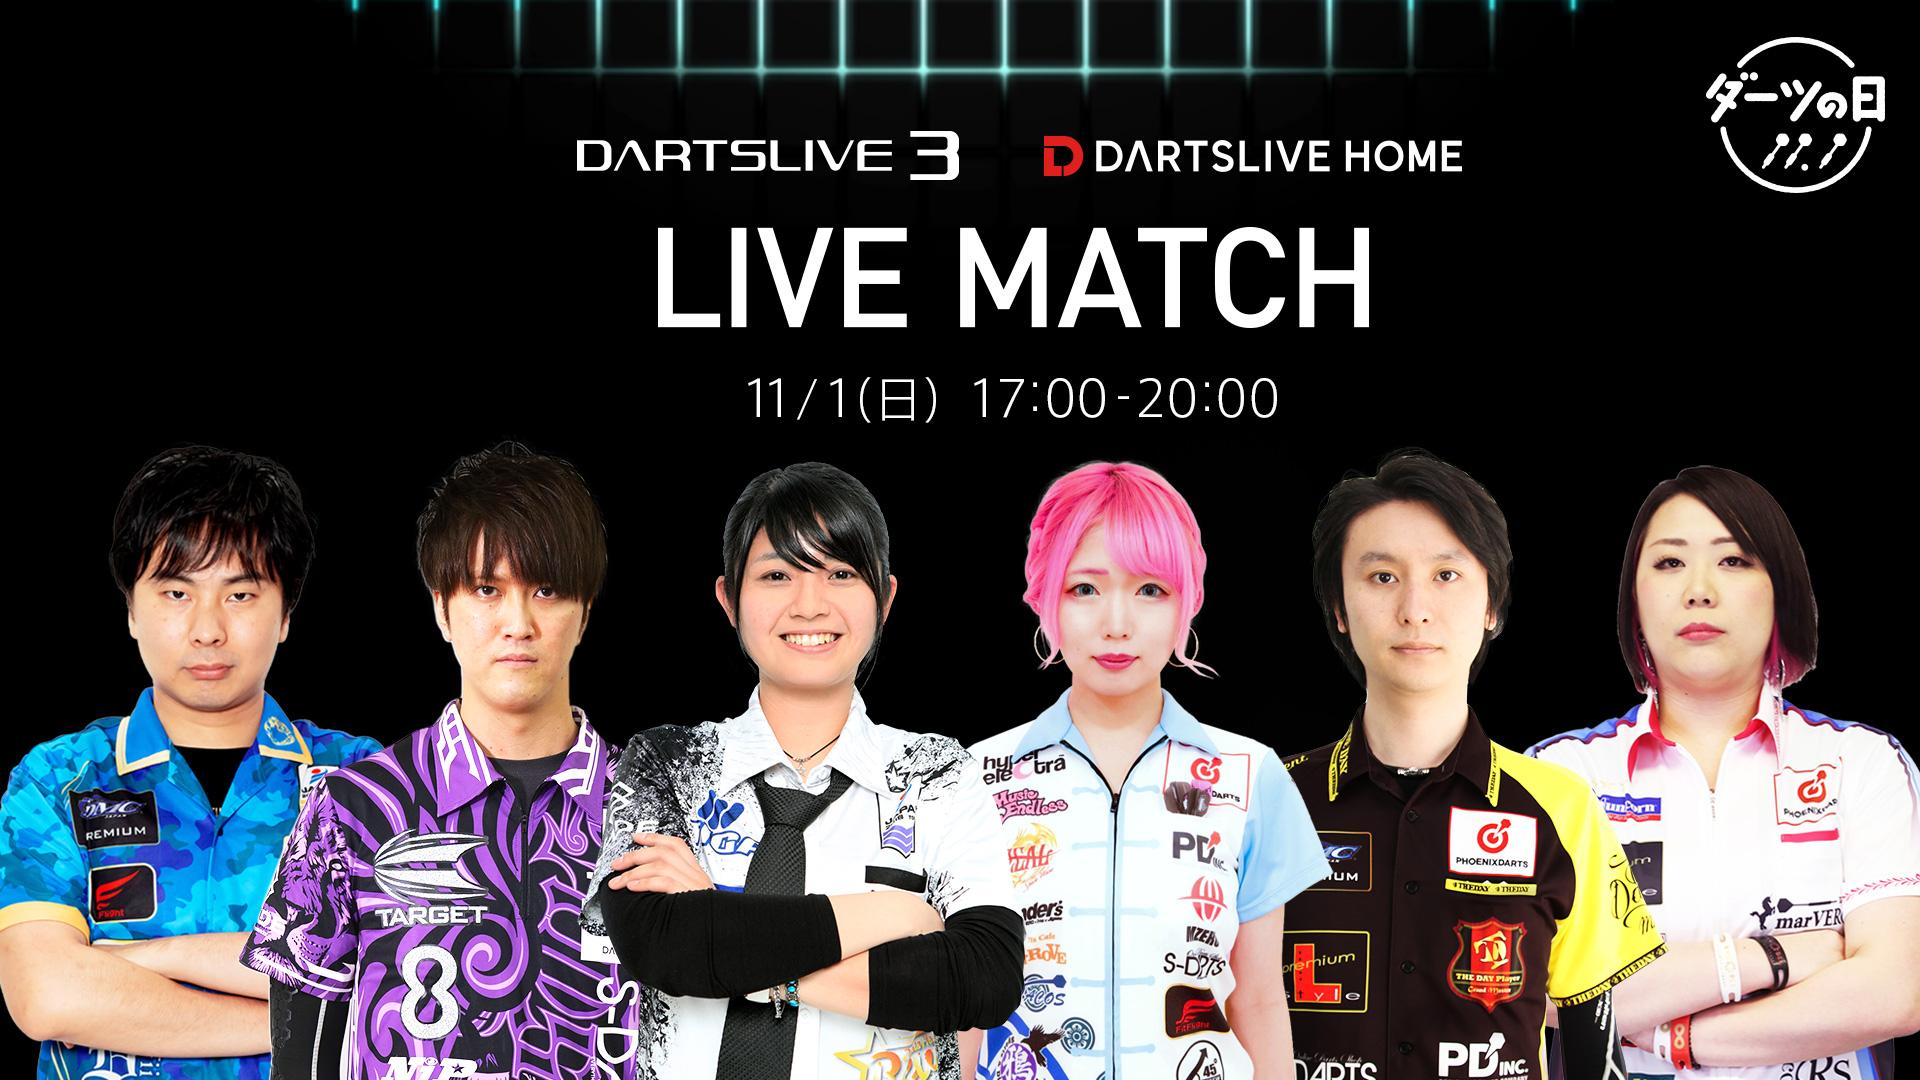 11.1 ダーツの日 オンラインマッチイベントを開催!